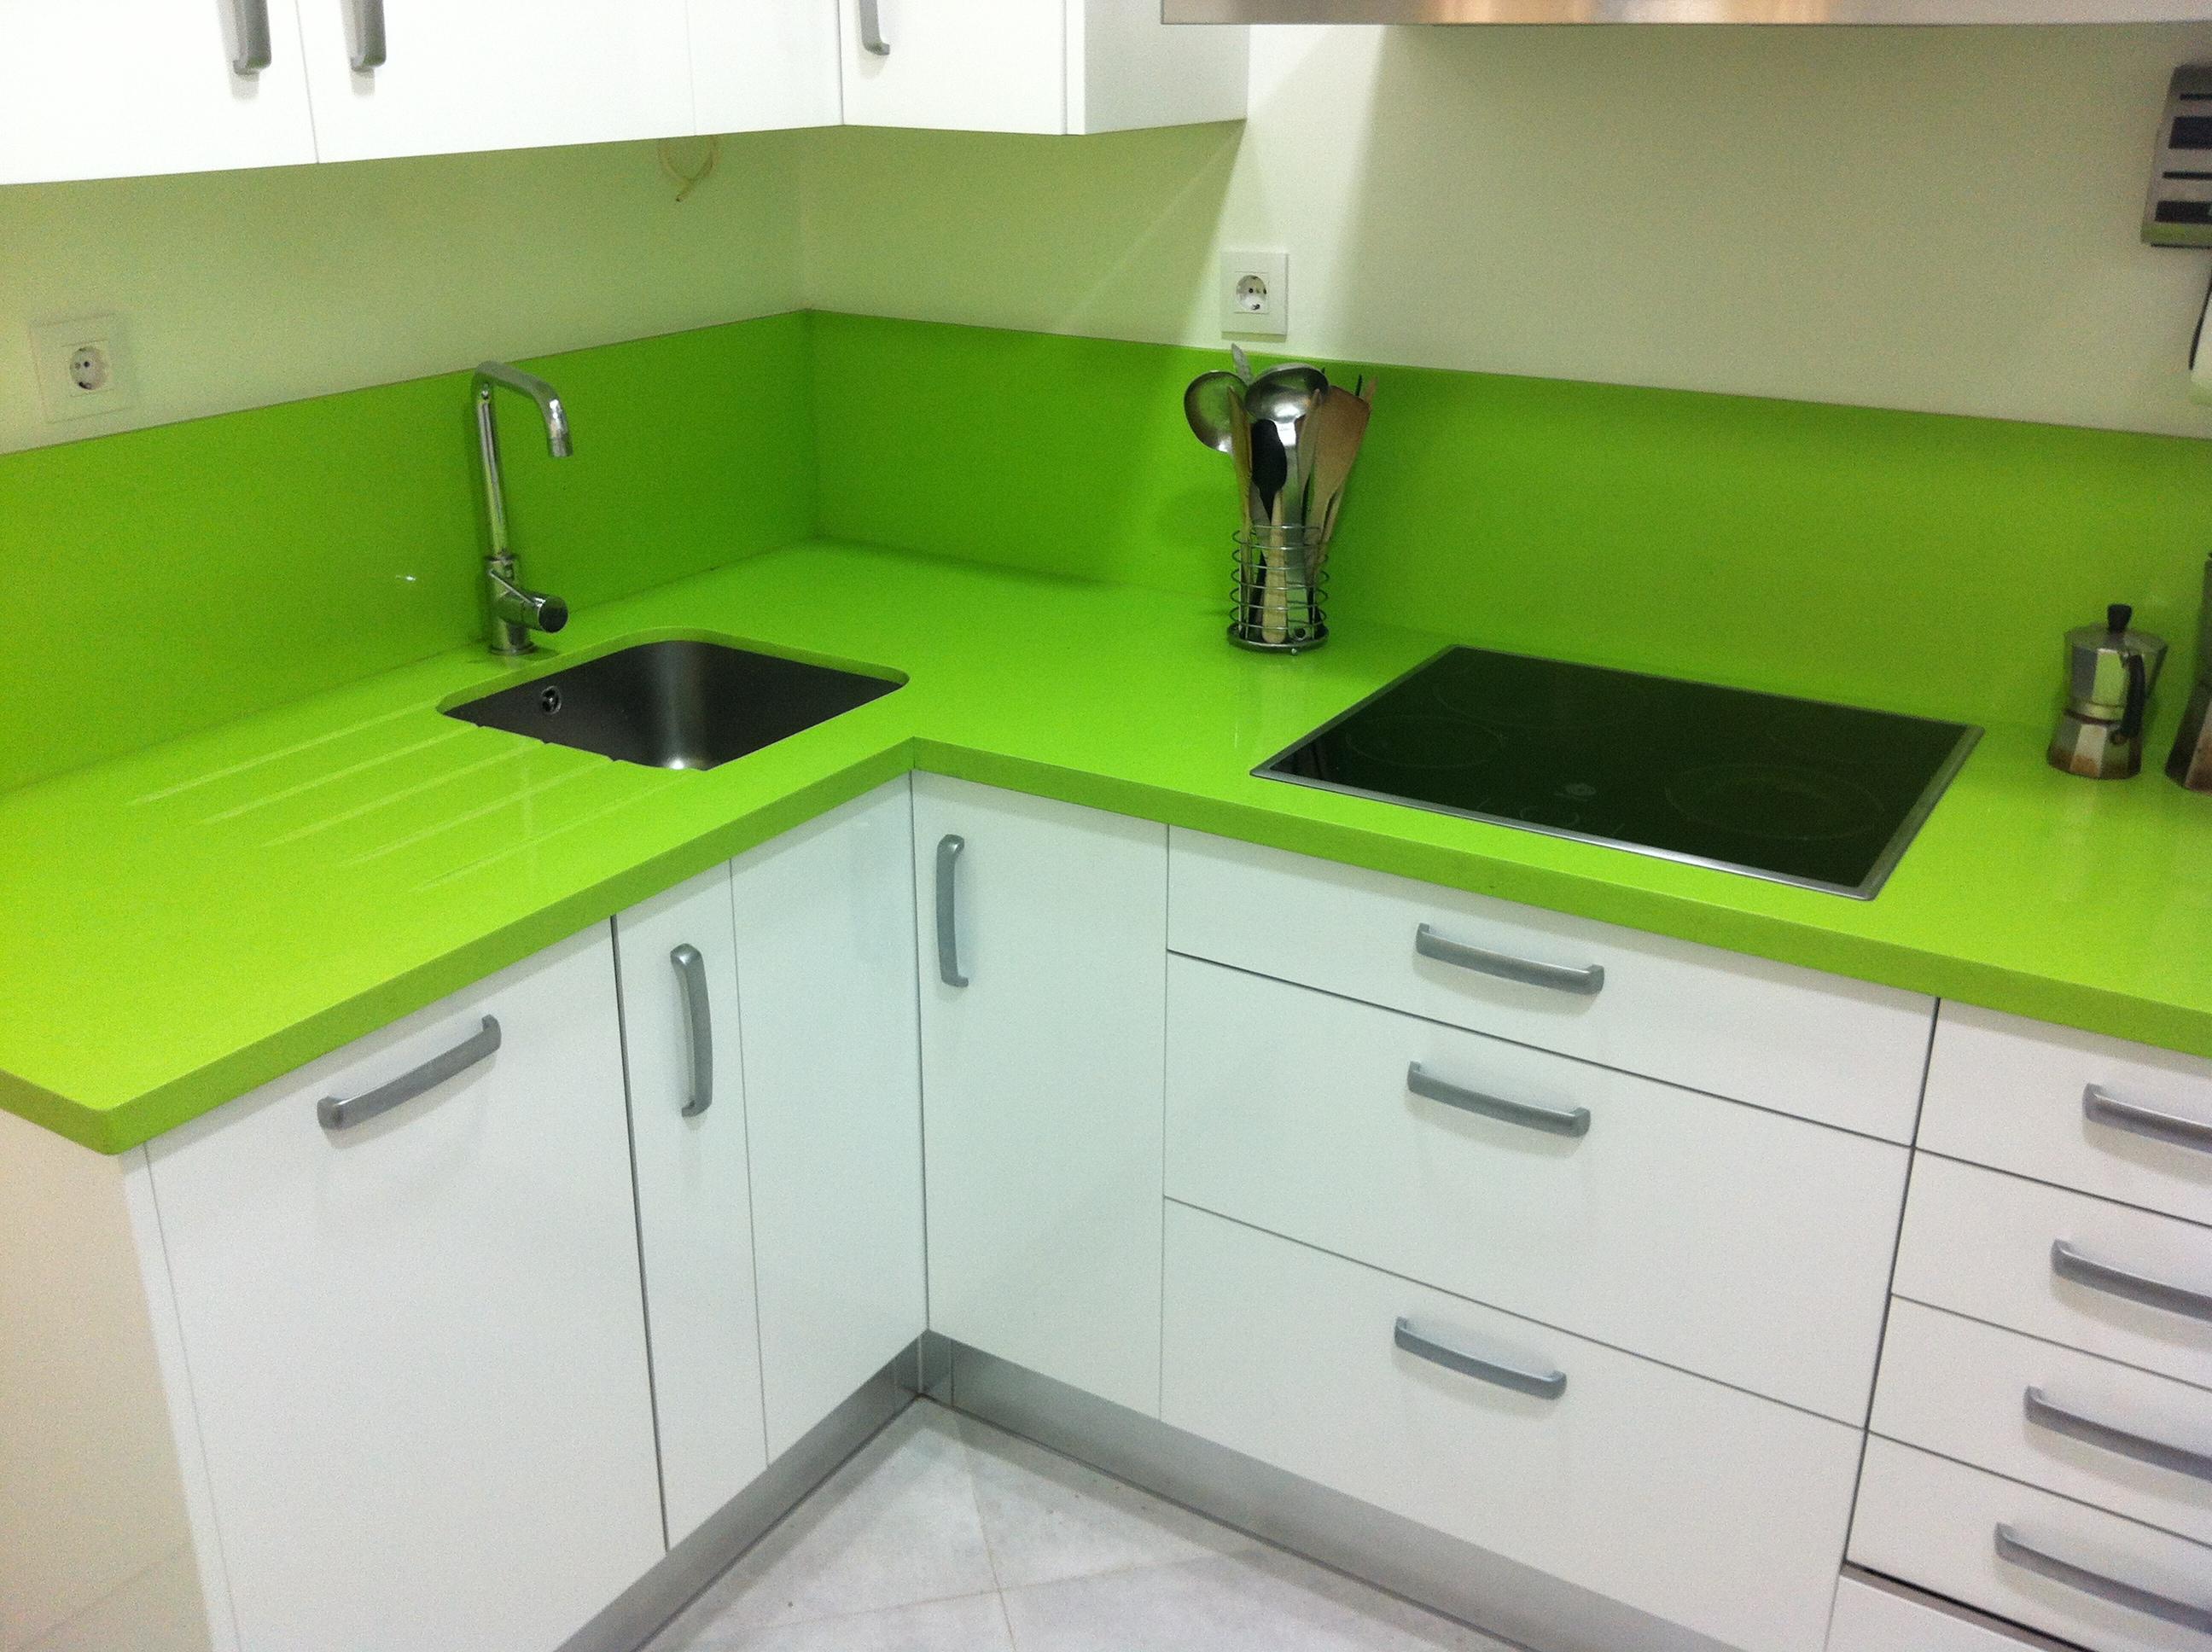 Nuestras cocinas | Selección Cocinas | Tienda de cocinas en ...